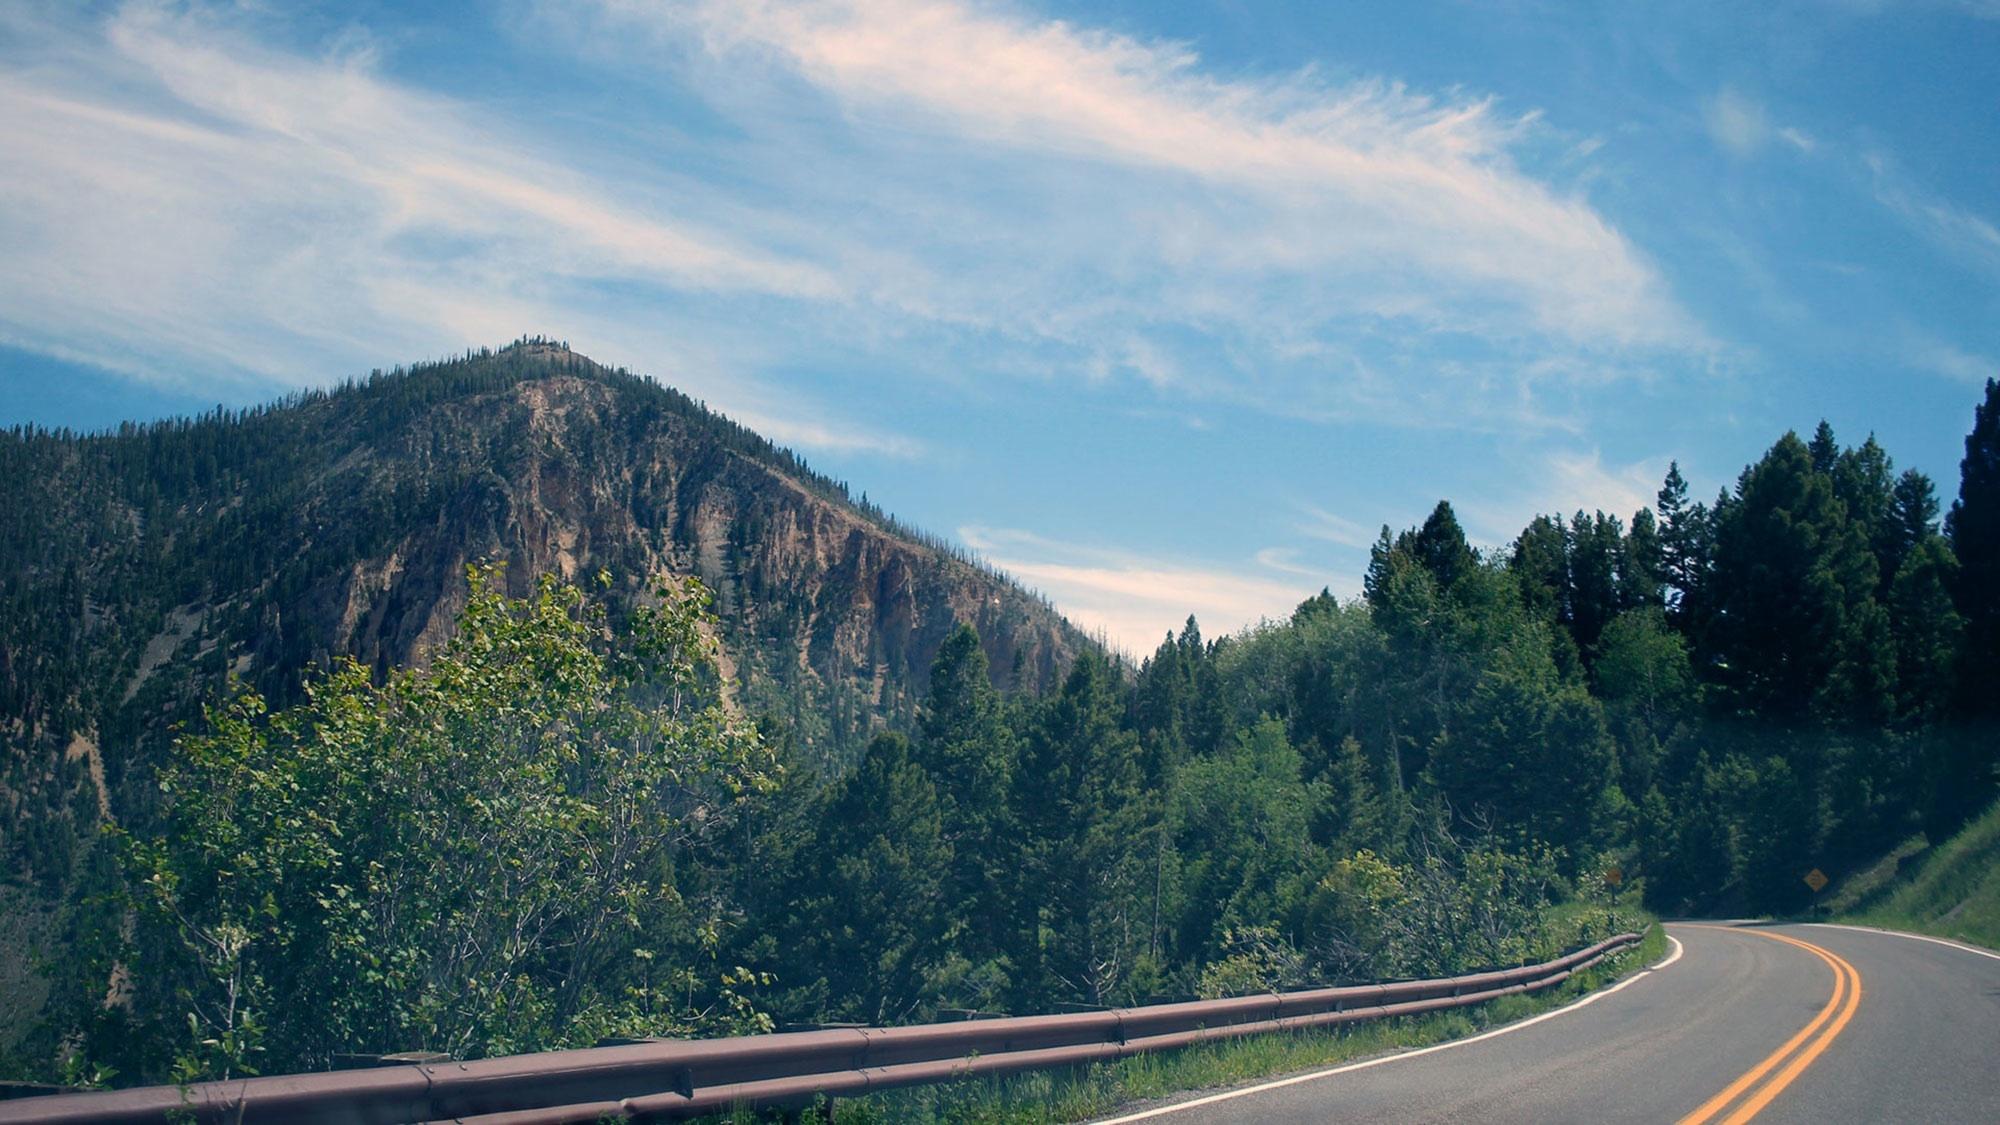 Mountain road photo 27398 extra